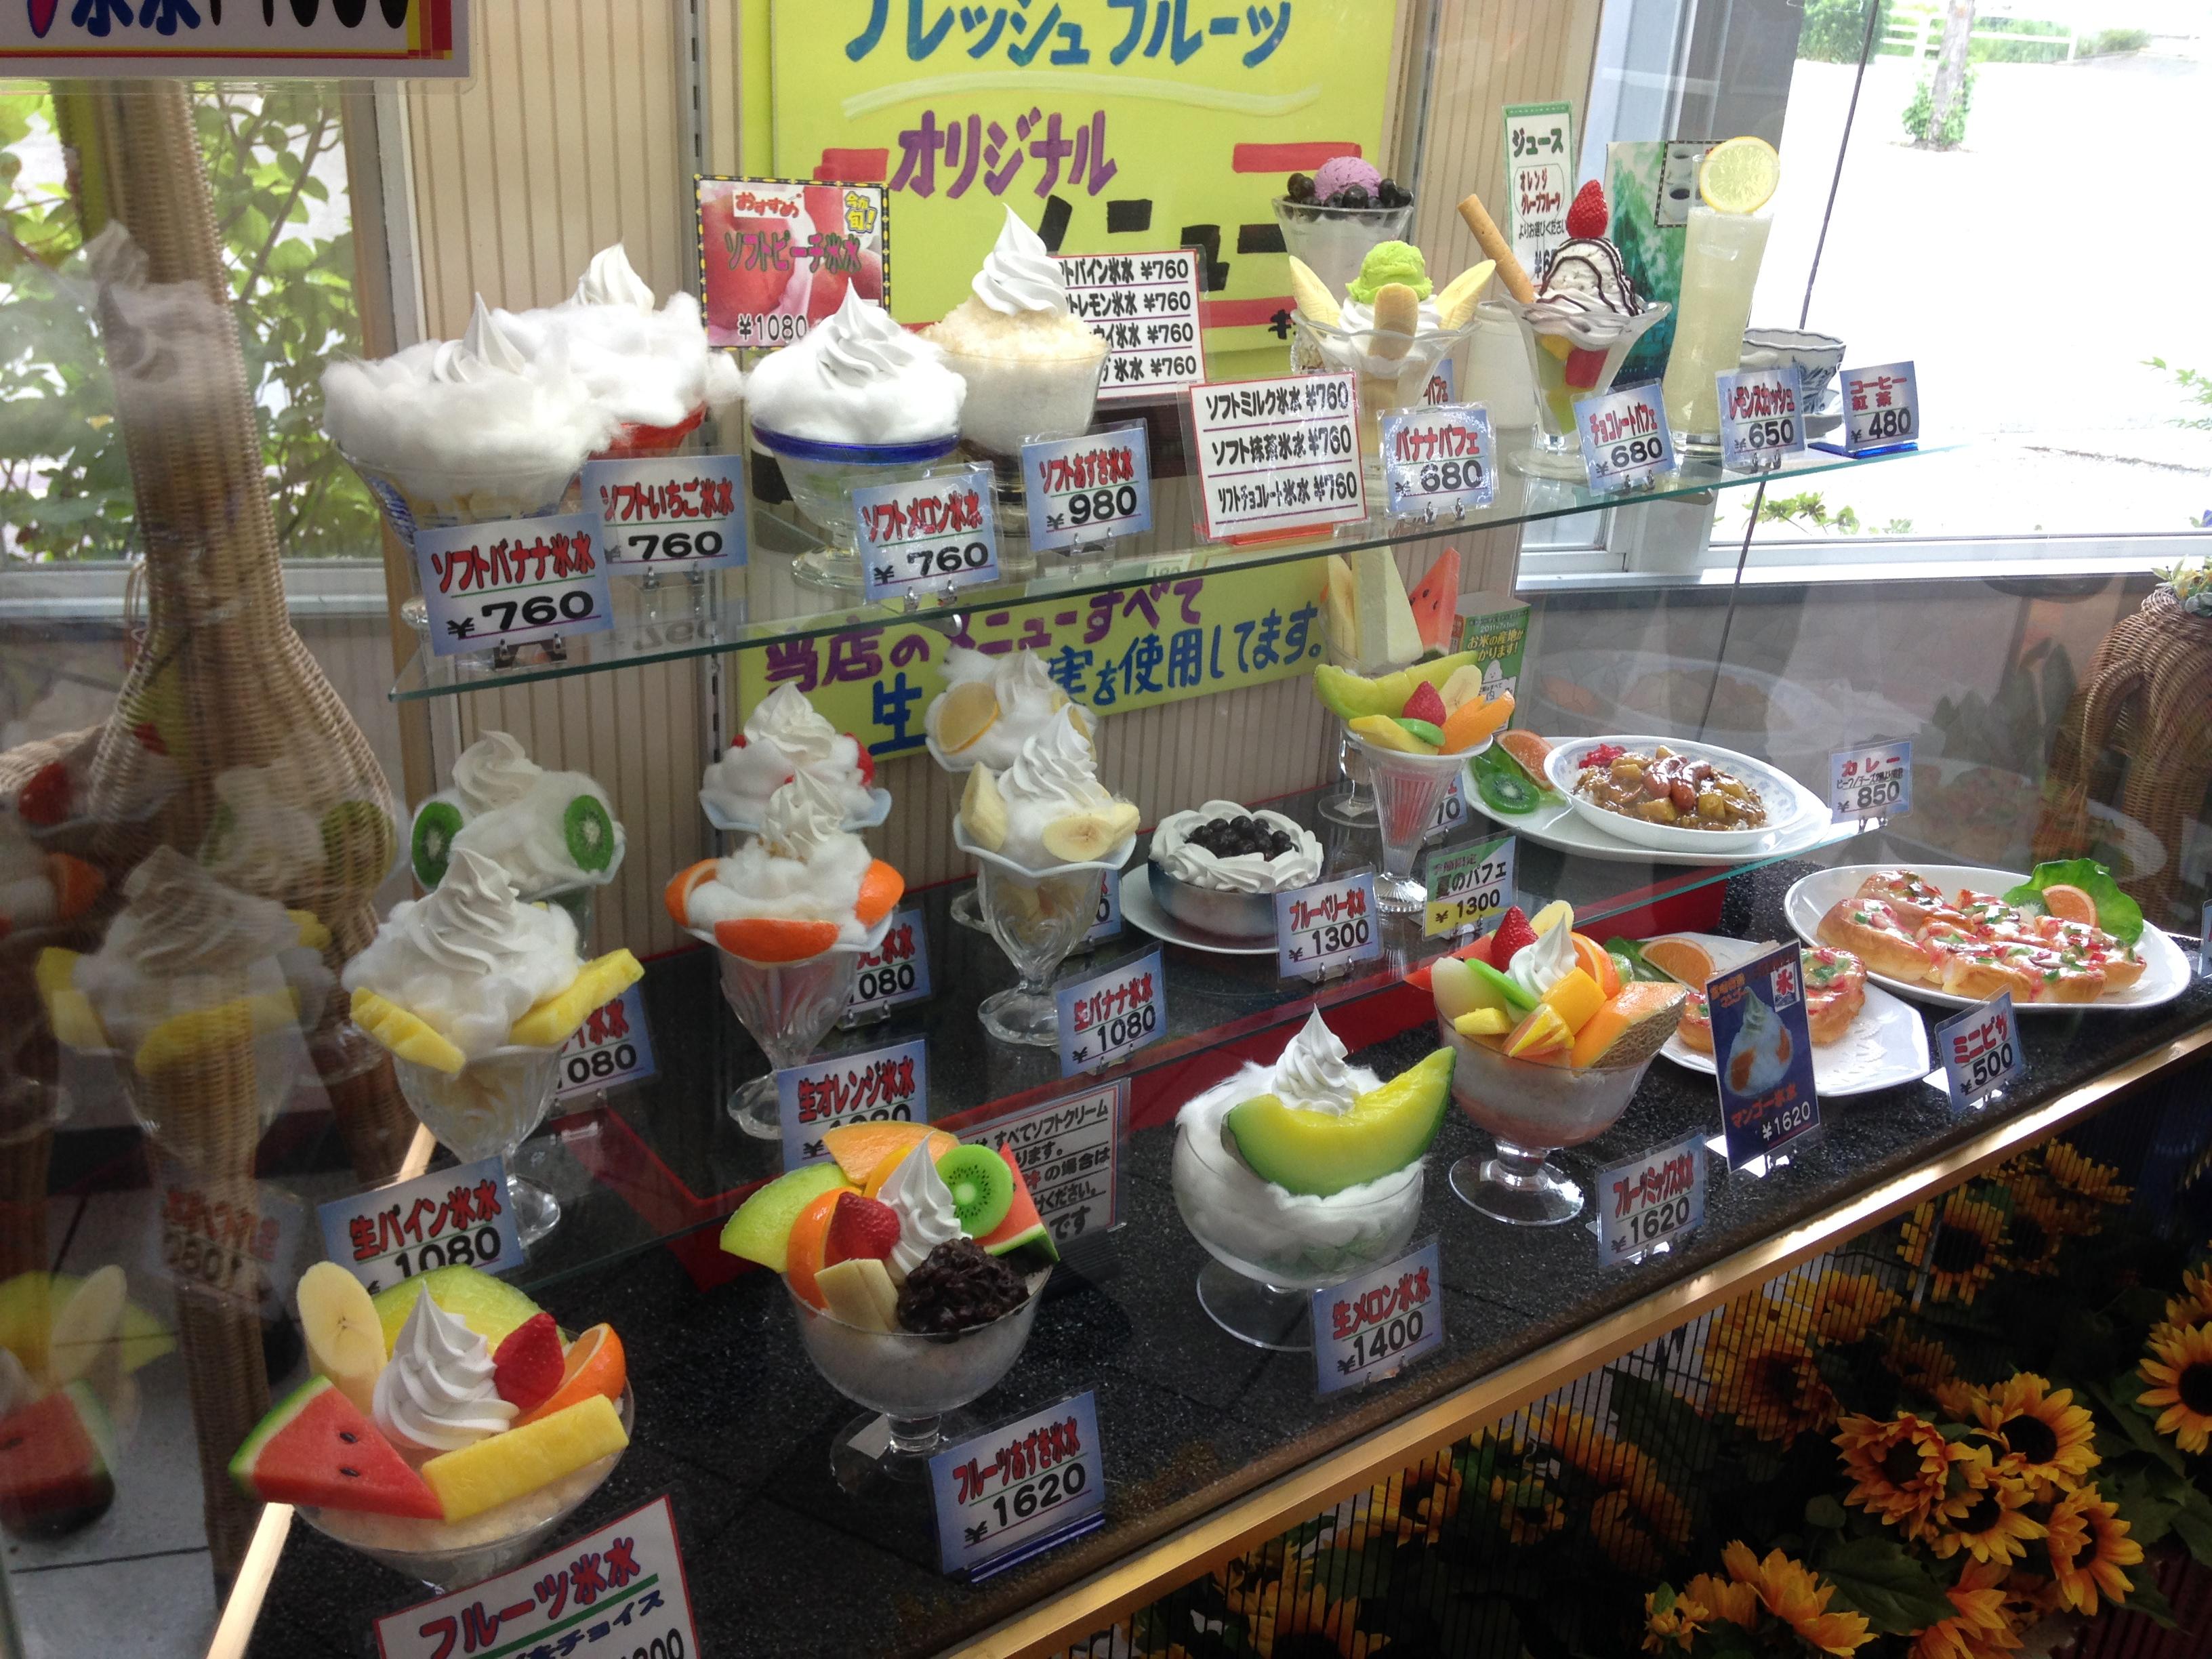 这里的水果刨冰选择繁多。